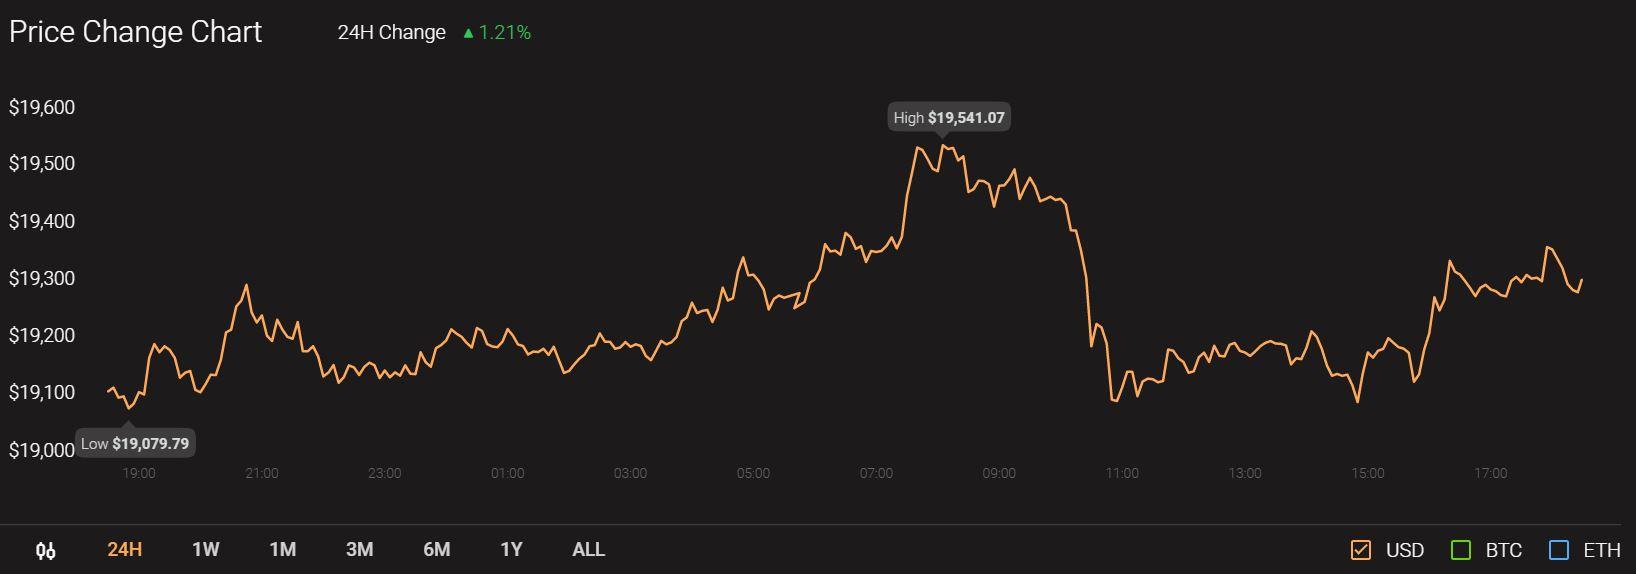 Polkadot、Aave、Dogecoin価格分析:12月15日